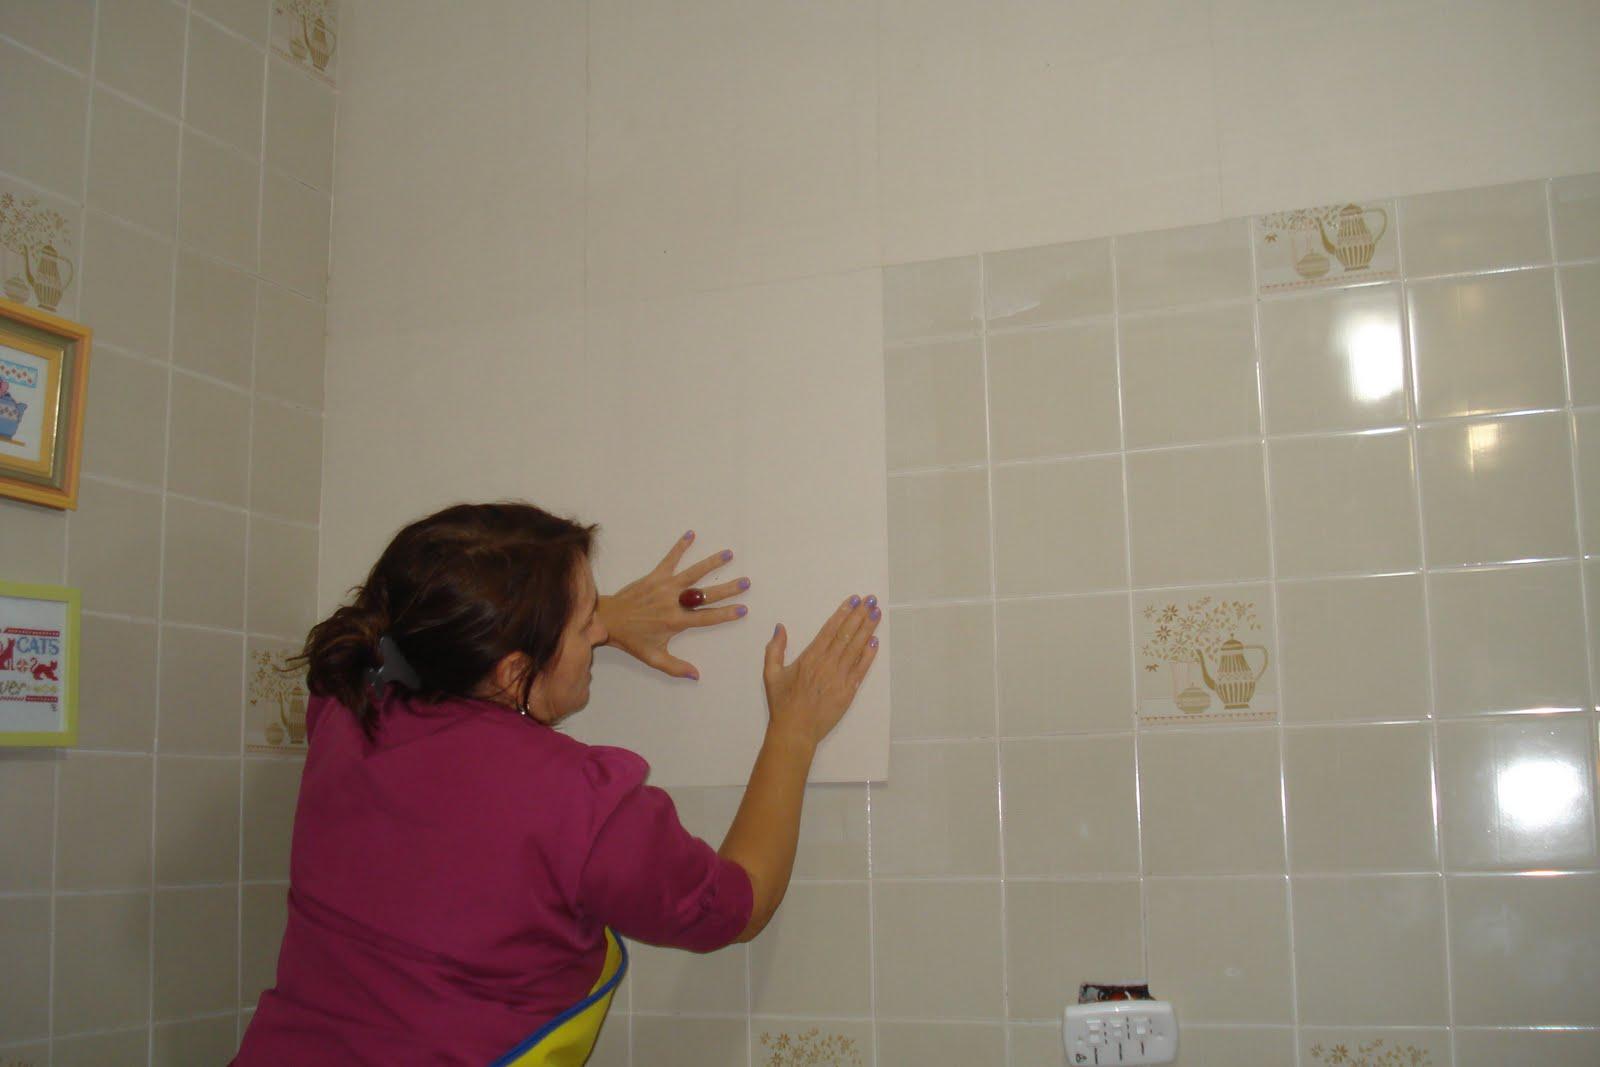 Multiartes: Parede de azulejos pintada  Canto Alemão.. #14265C 1600x1067 Banheiro Azulejo Pintado